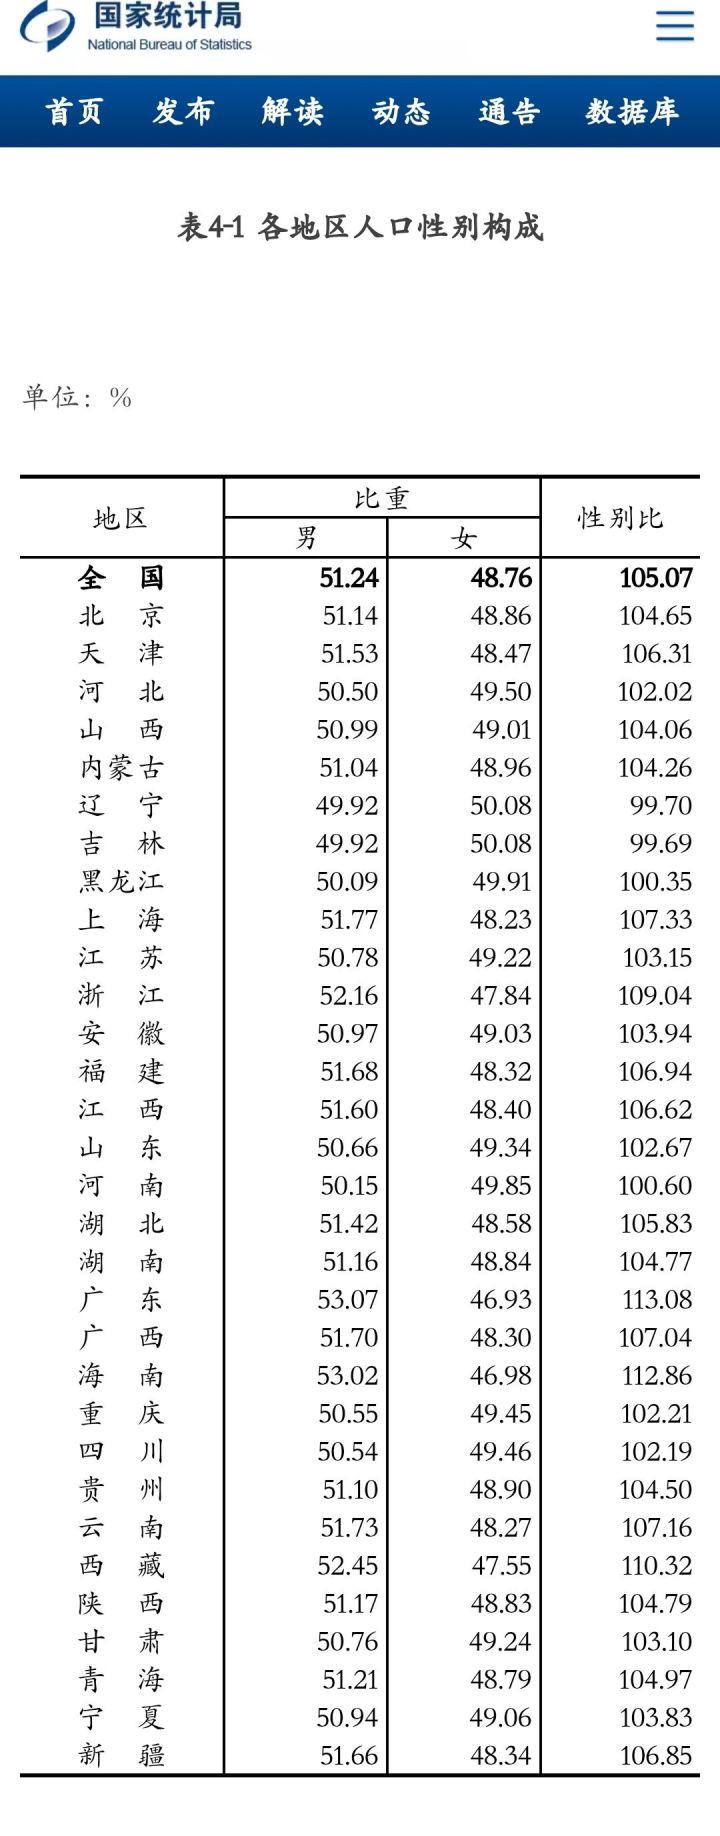 如何看人普結果:總人口性別比105.07,出生人口性別比111.3